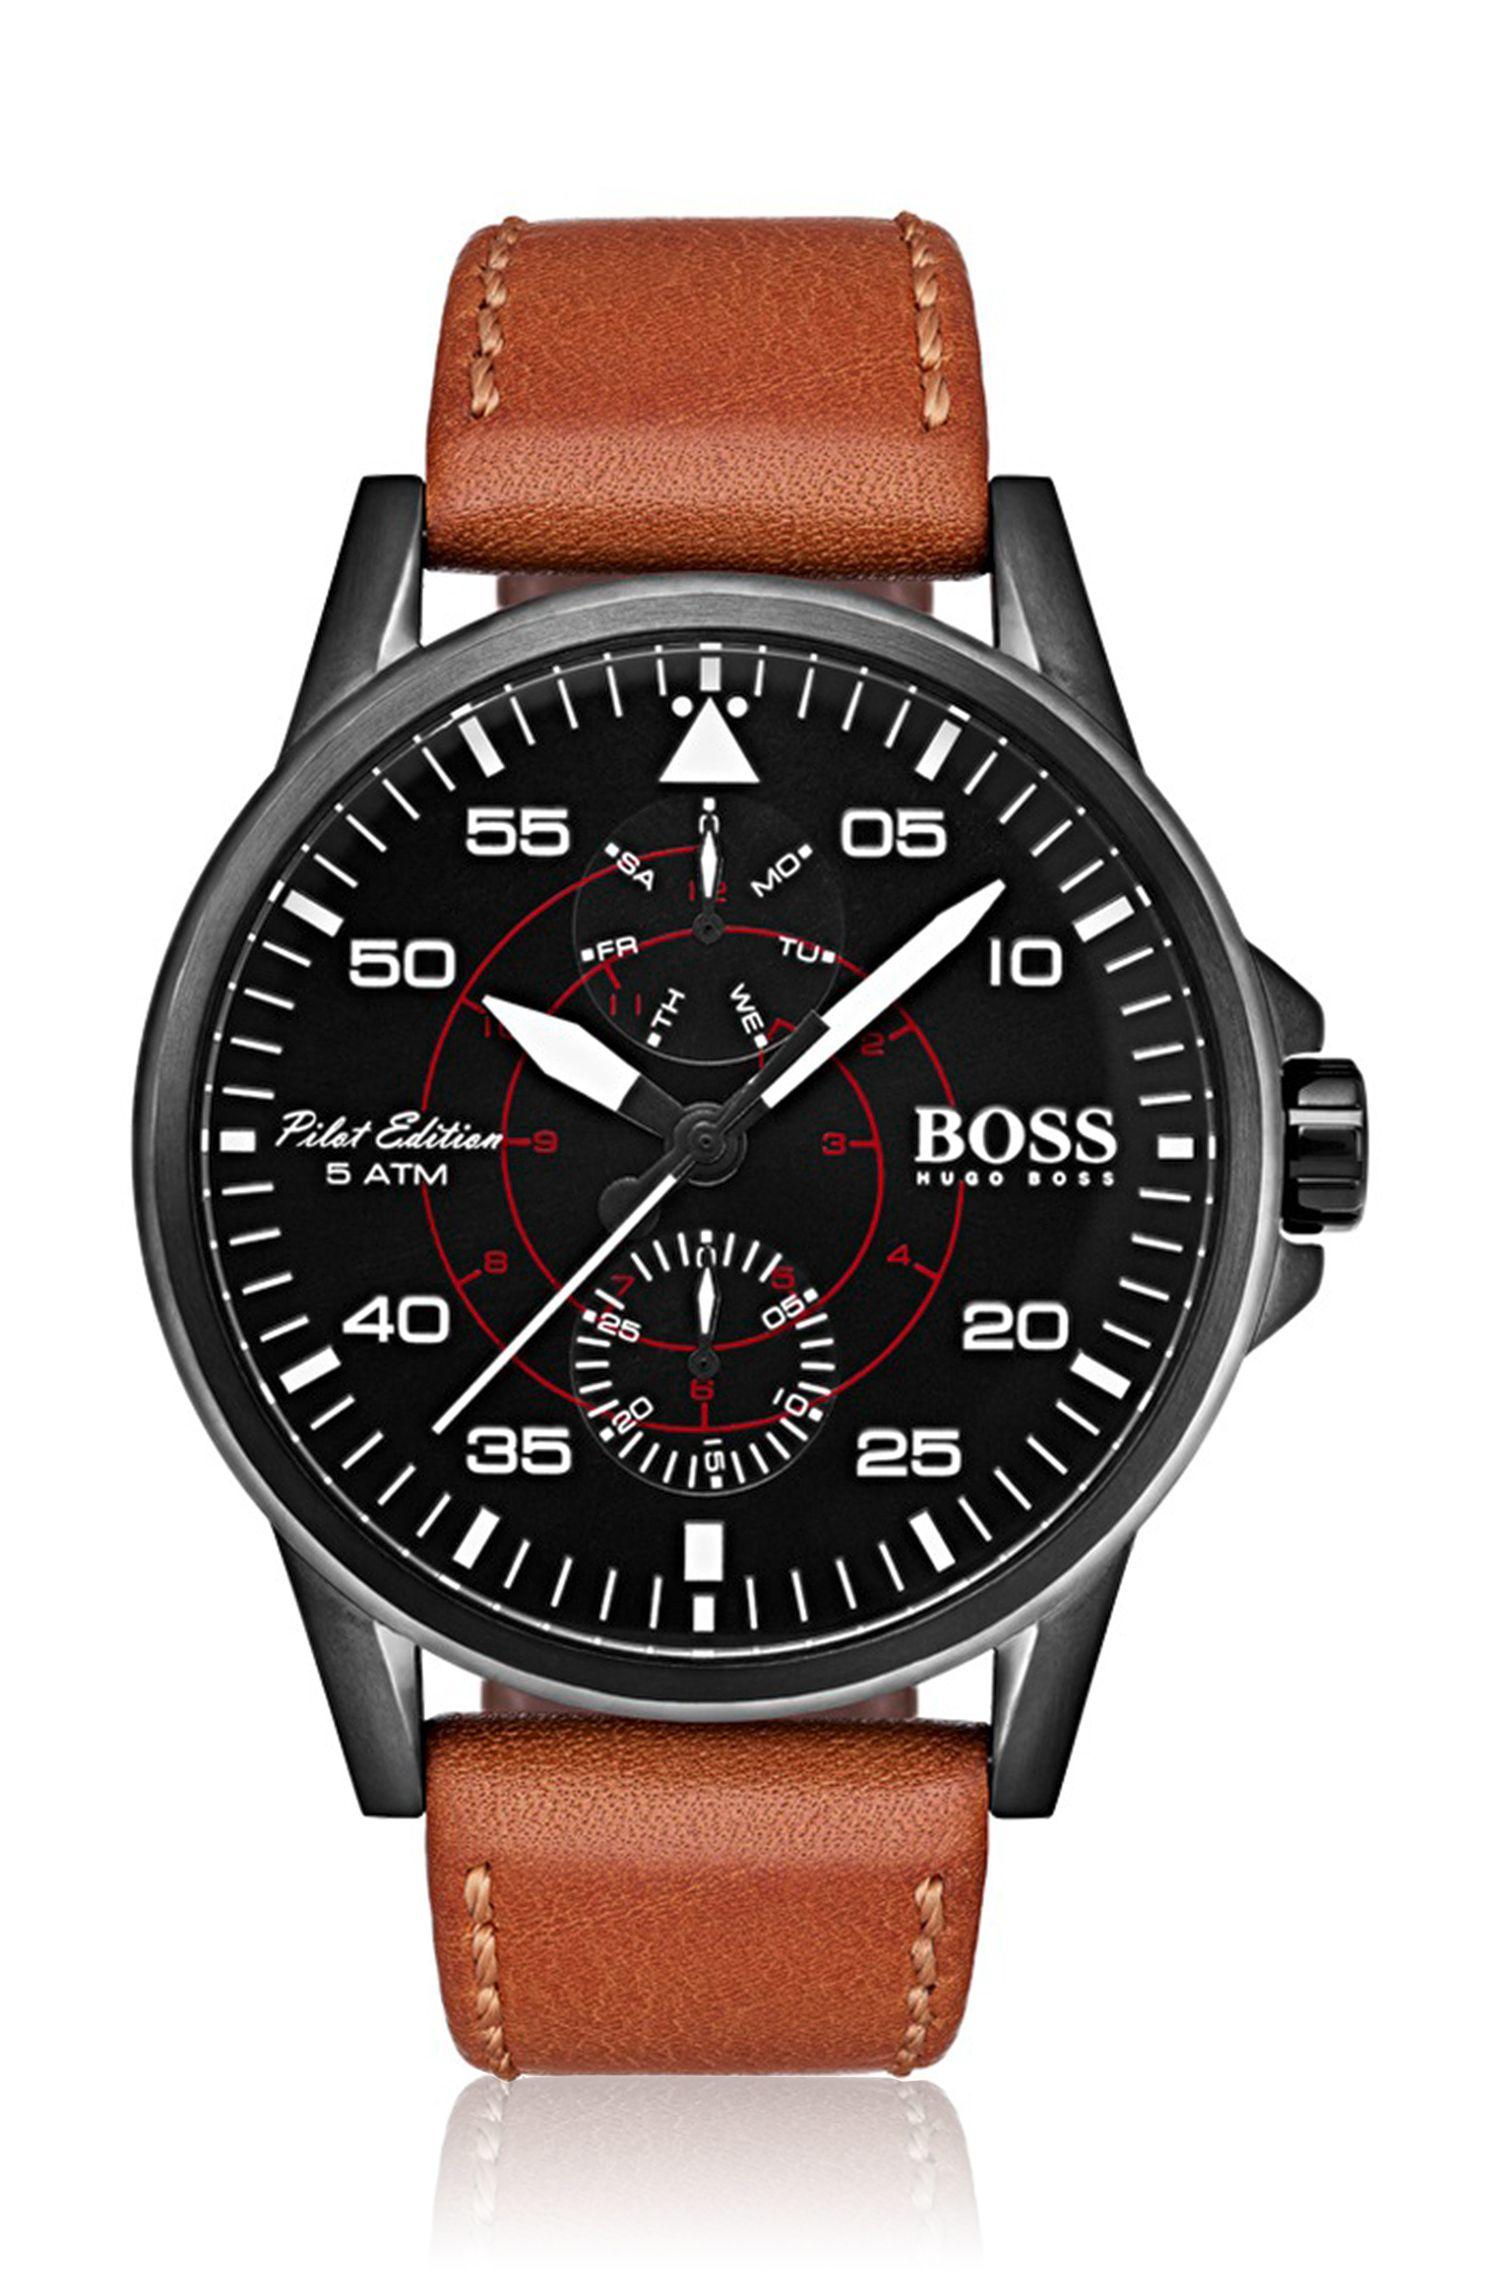 Uhr aus beschichtetem Edelstahl mit Armband aus Vachetteleder